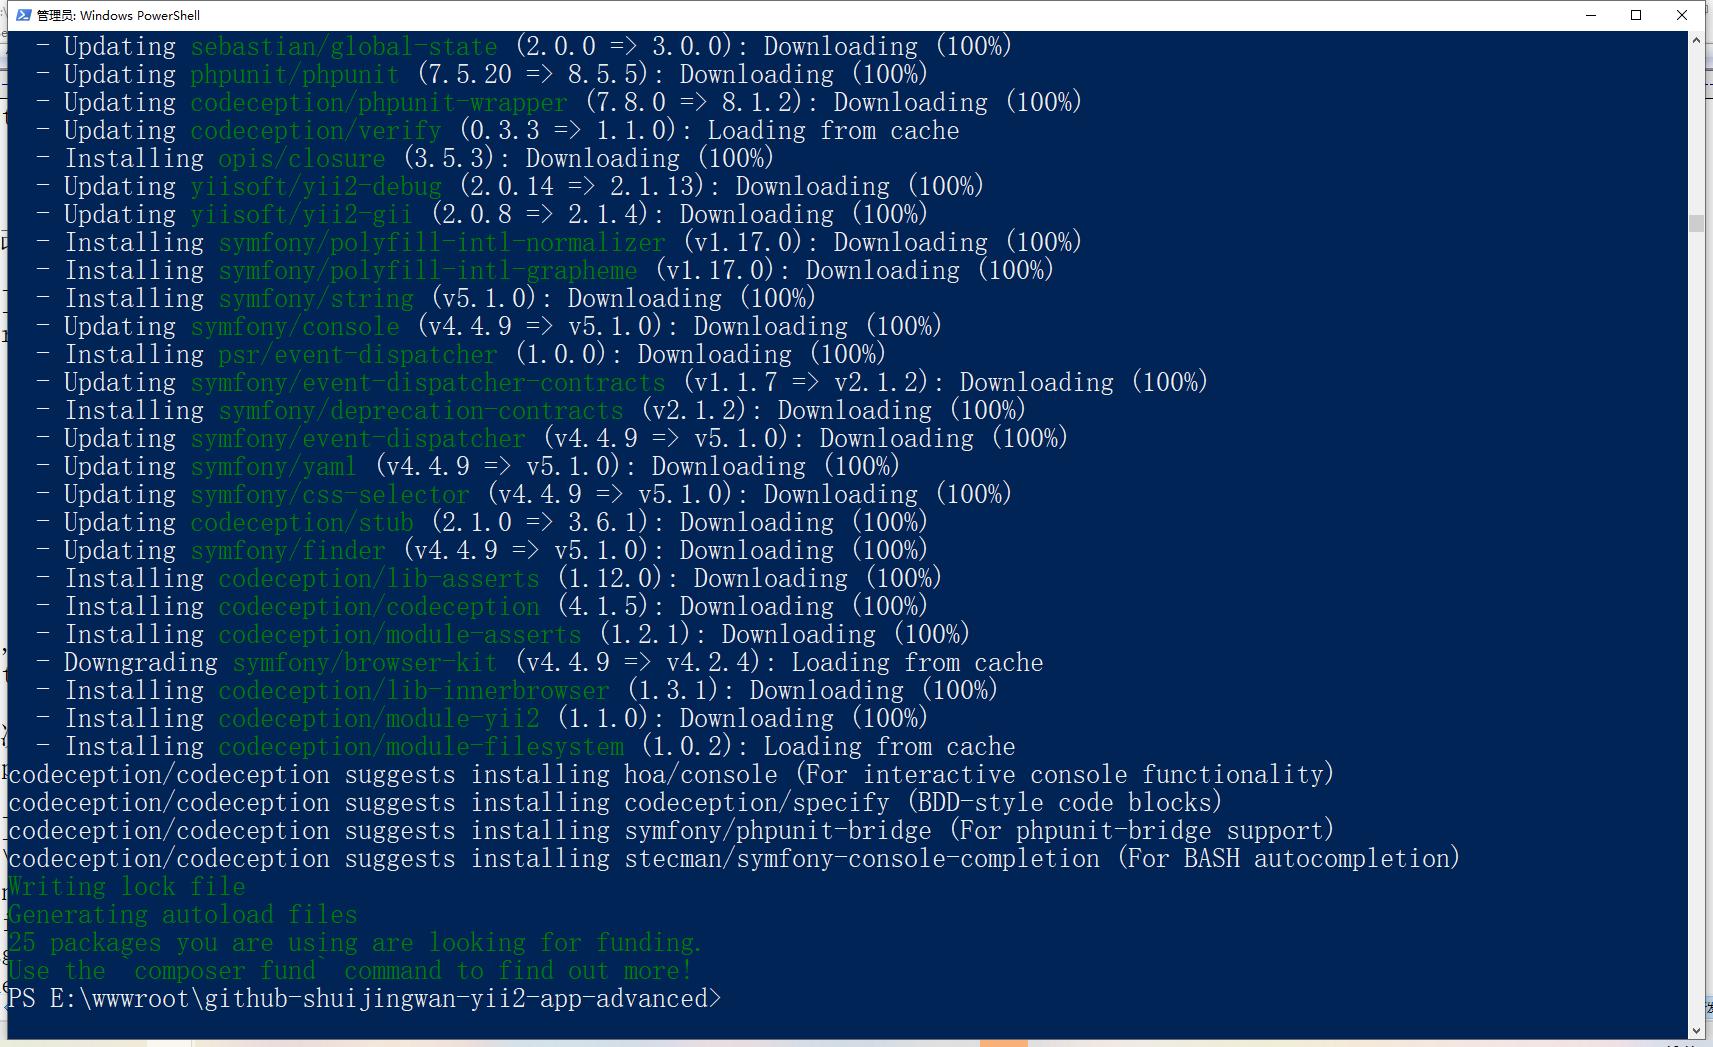 再次执行 composer update ,将开发依赖项更新至最新版本,提示:Package codeception/base is abandoned, you should avoid using it. No replacement was suggested. 已经消失。